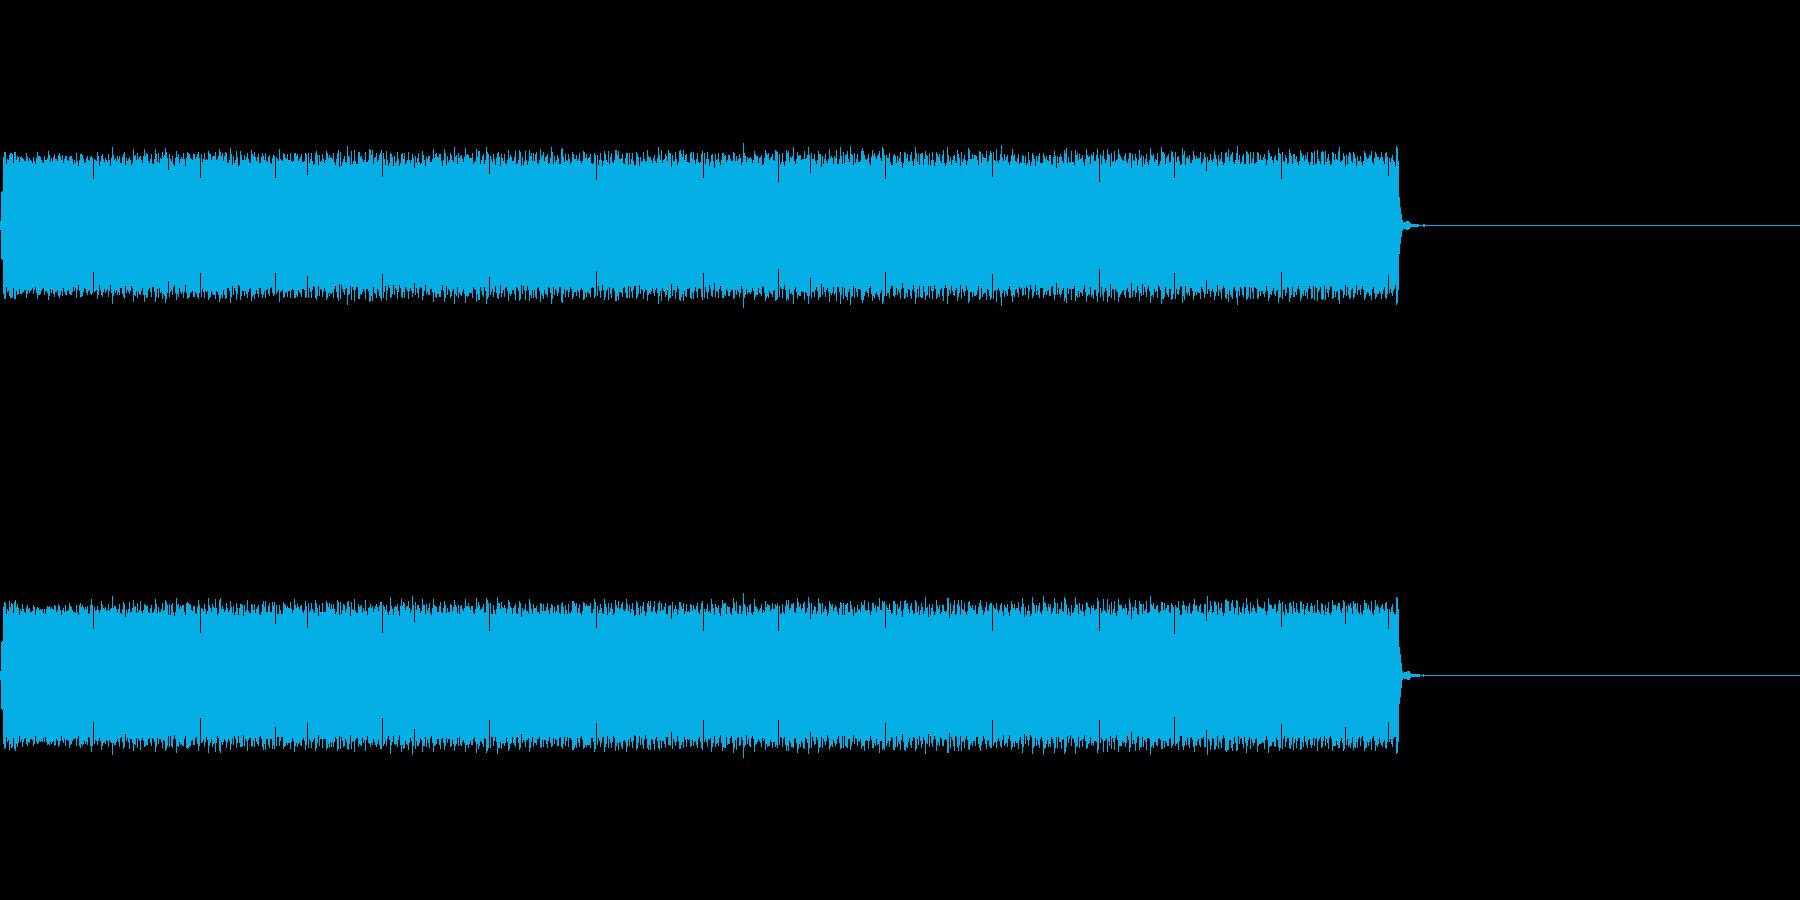 【不正解01-4】の再生済みの波形